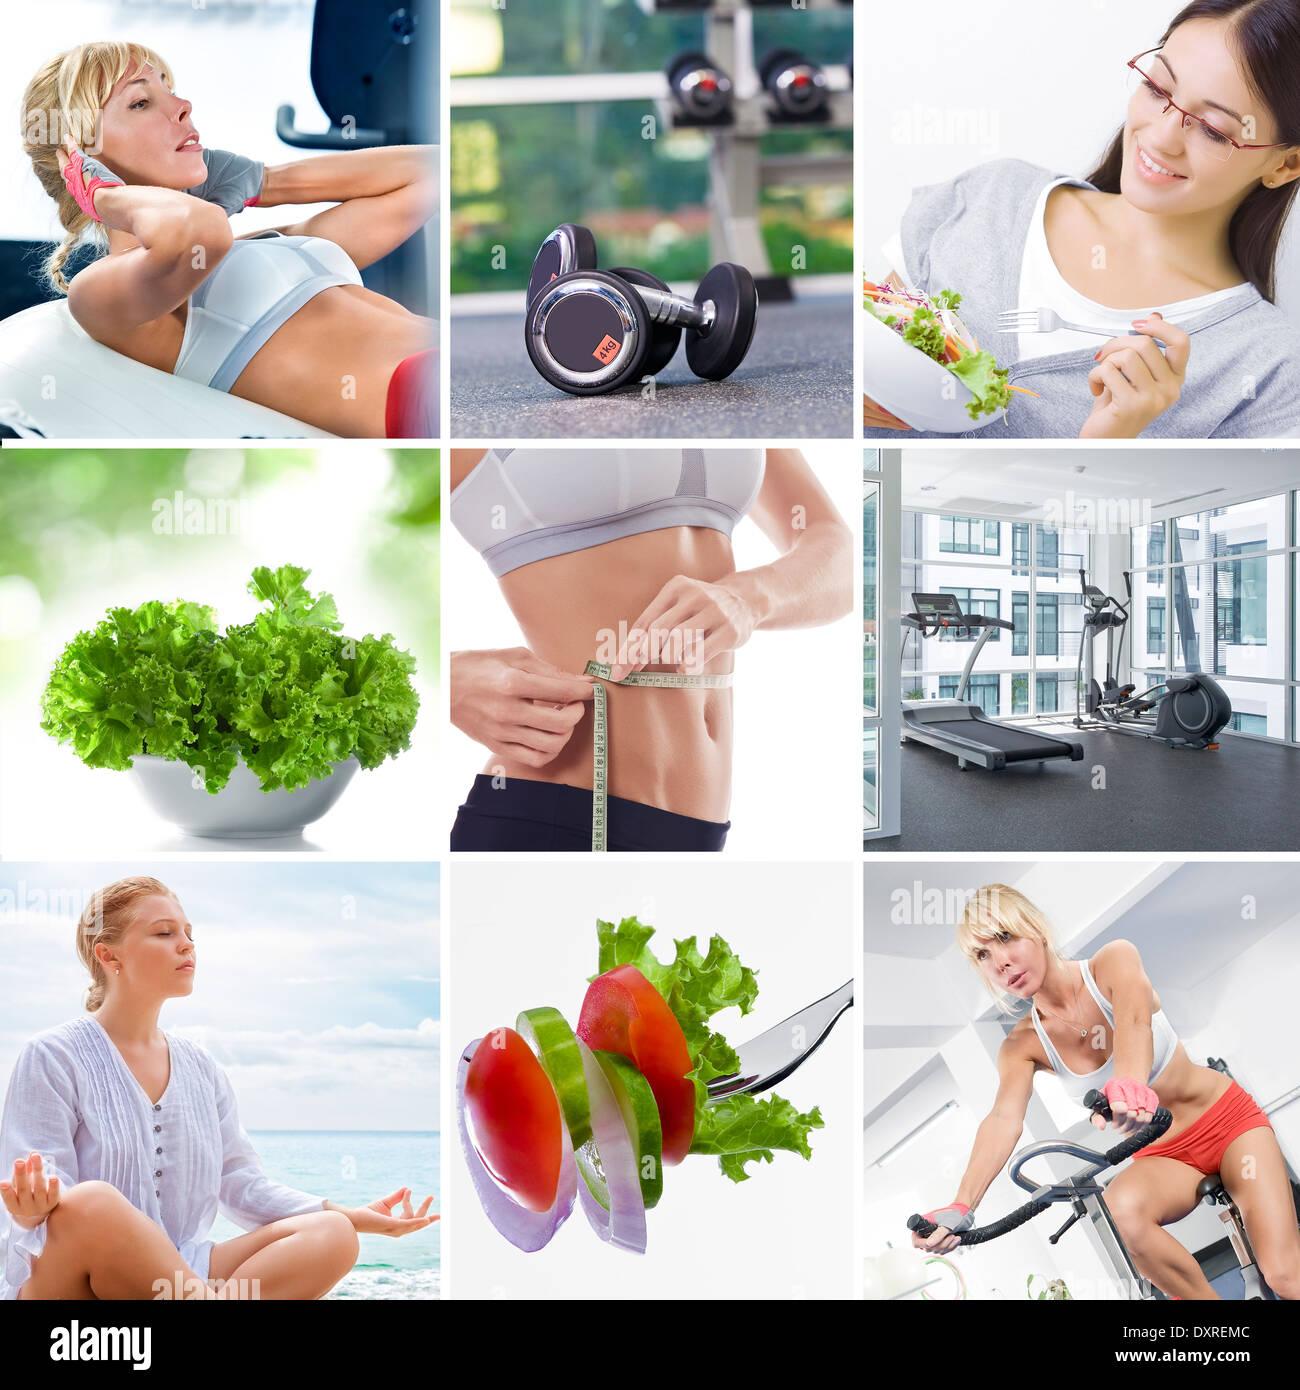 De vie sain collage thème composé de différentes images Photo Stock